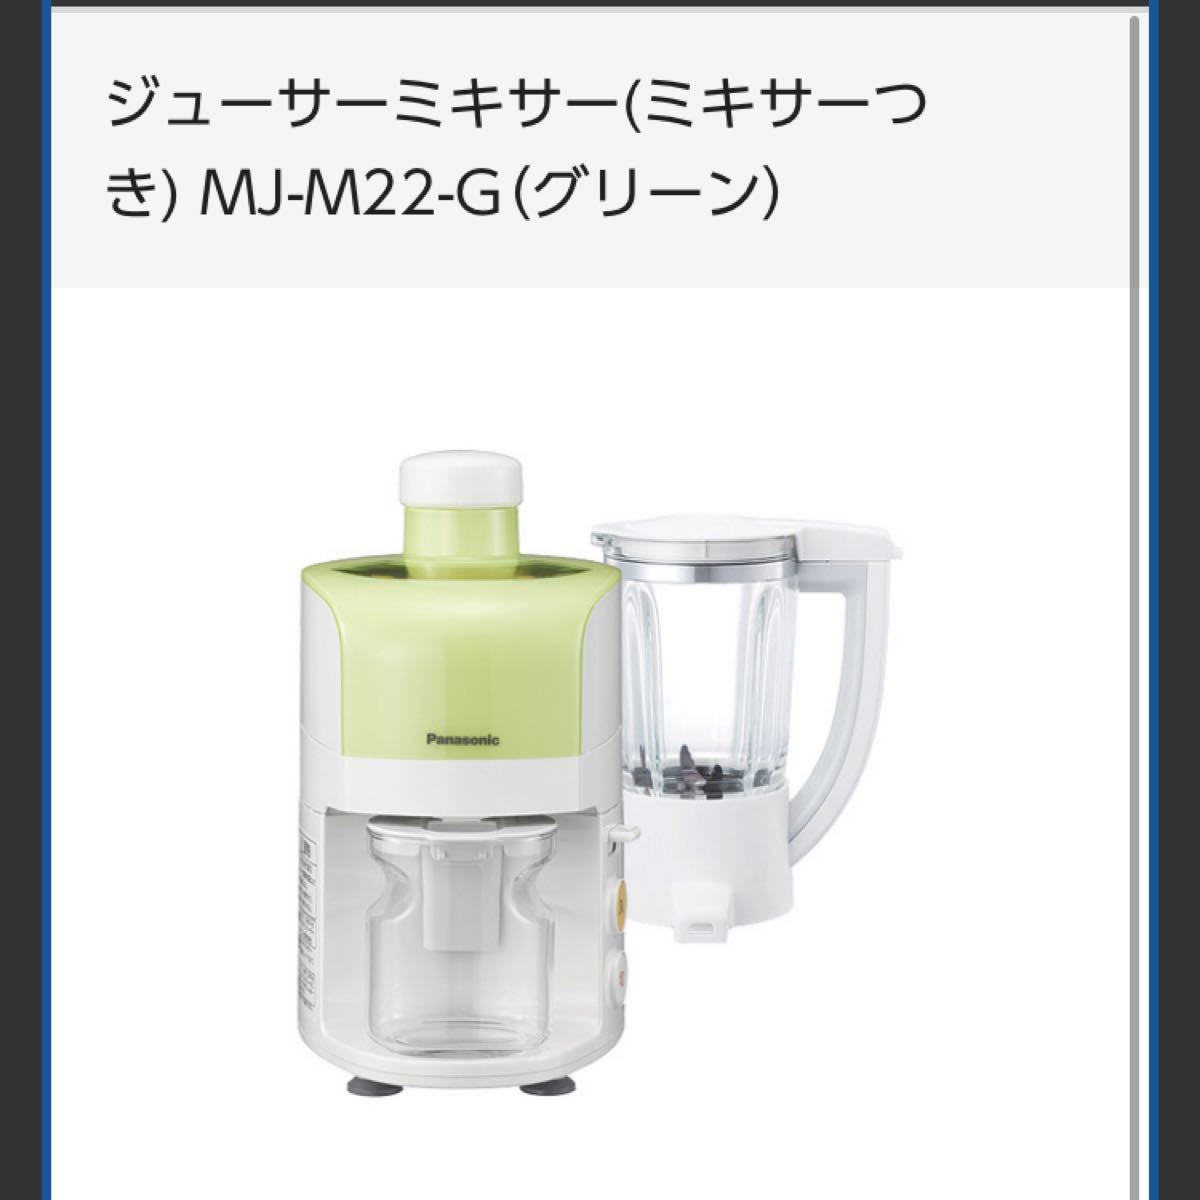 ジューサーミキサー(ミキサーつき) MJ-M22